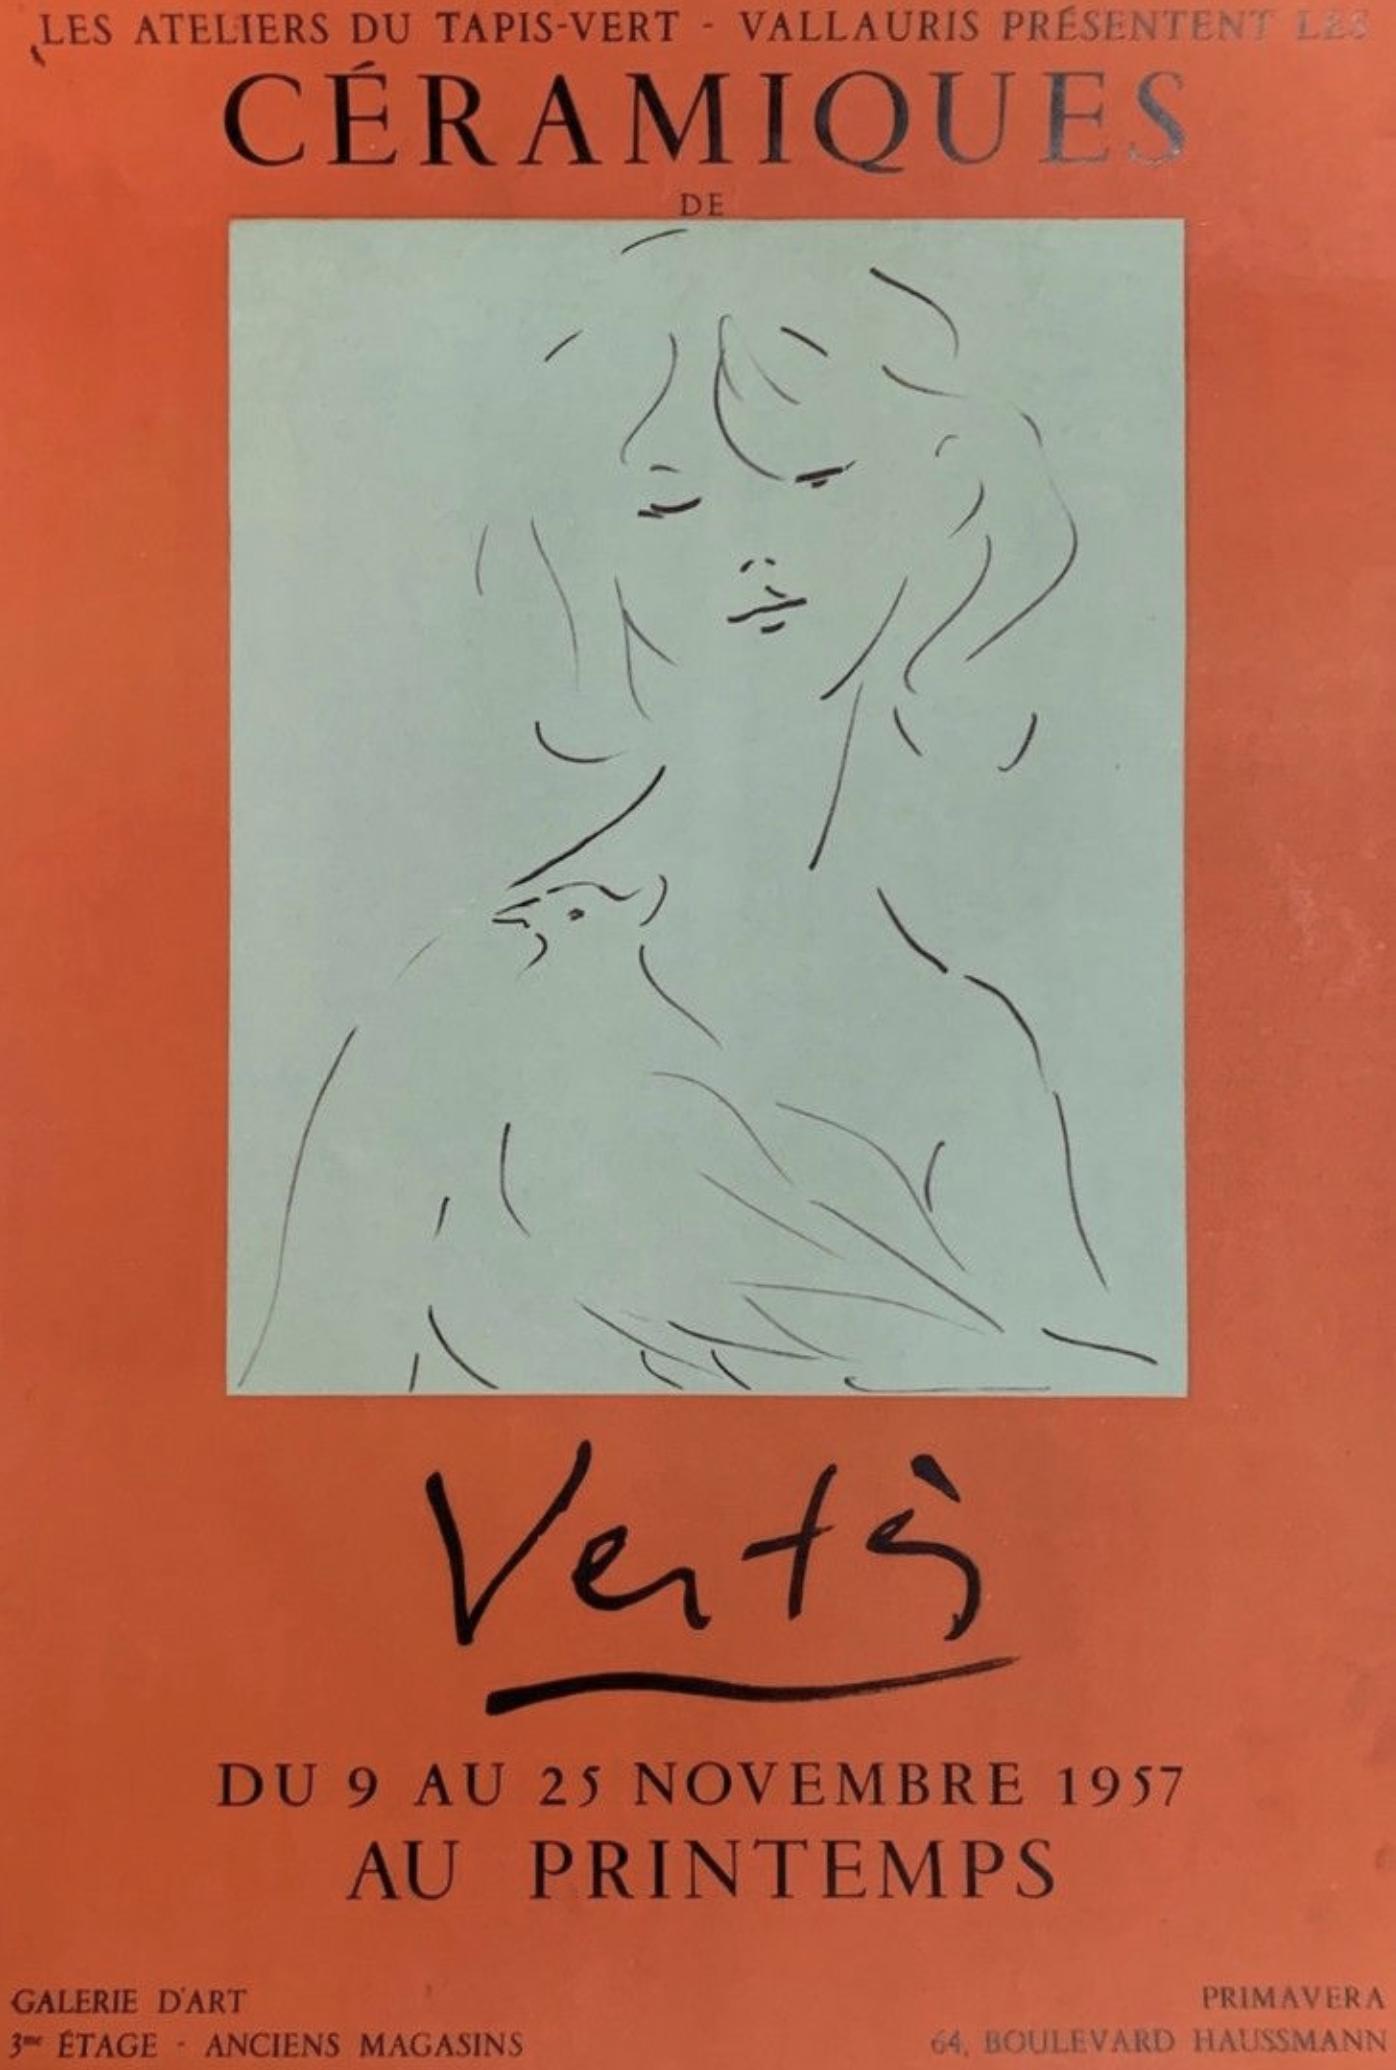 Ceramiques VERTES Original Vintage Poster Letitia Morris Gallery